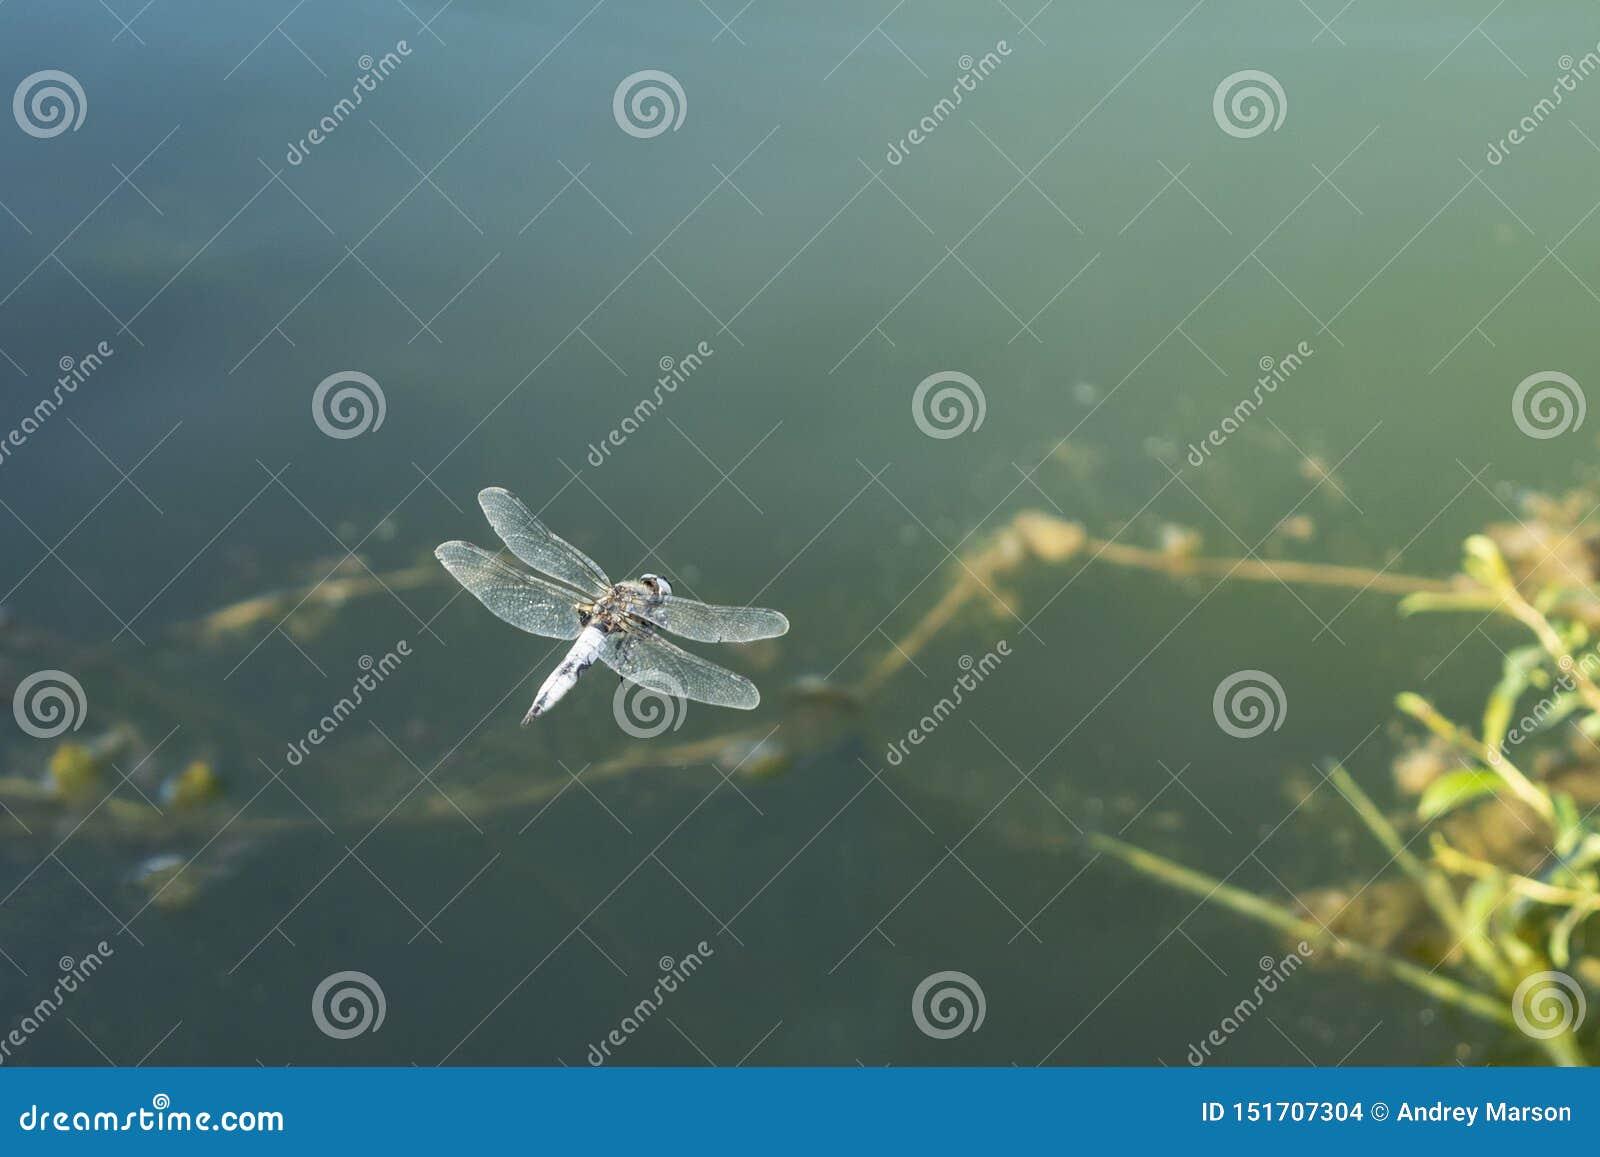 Grote libel in hangende vlucht over water Sluit omhoog